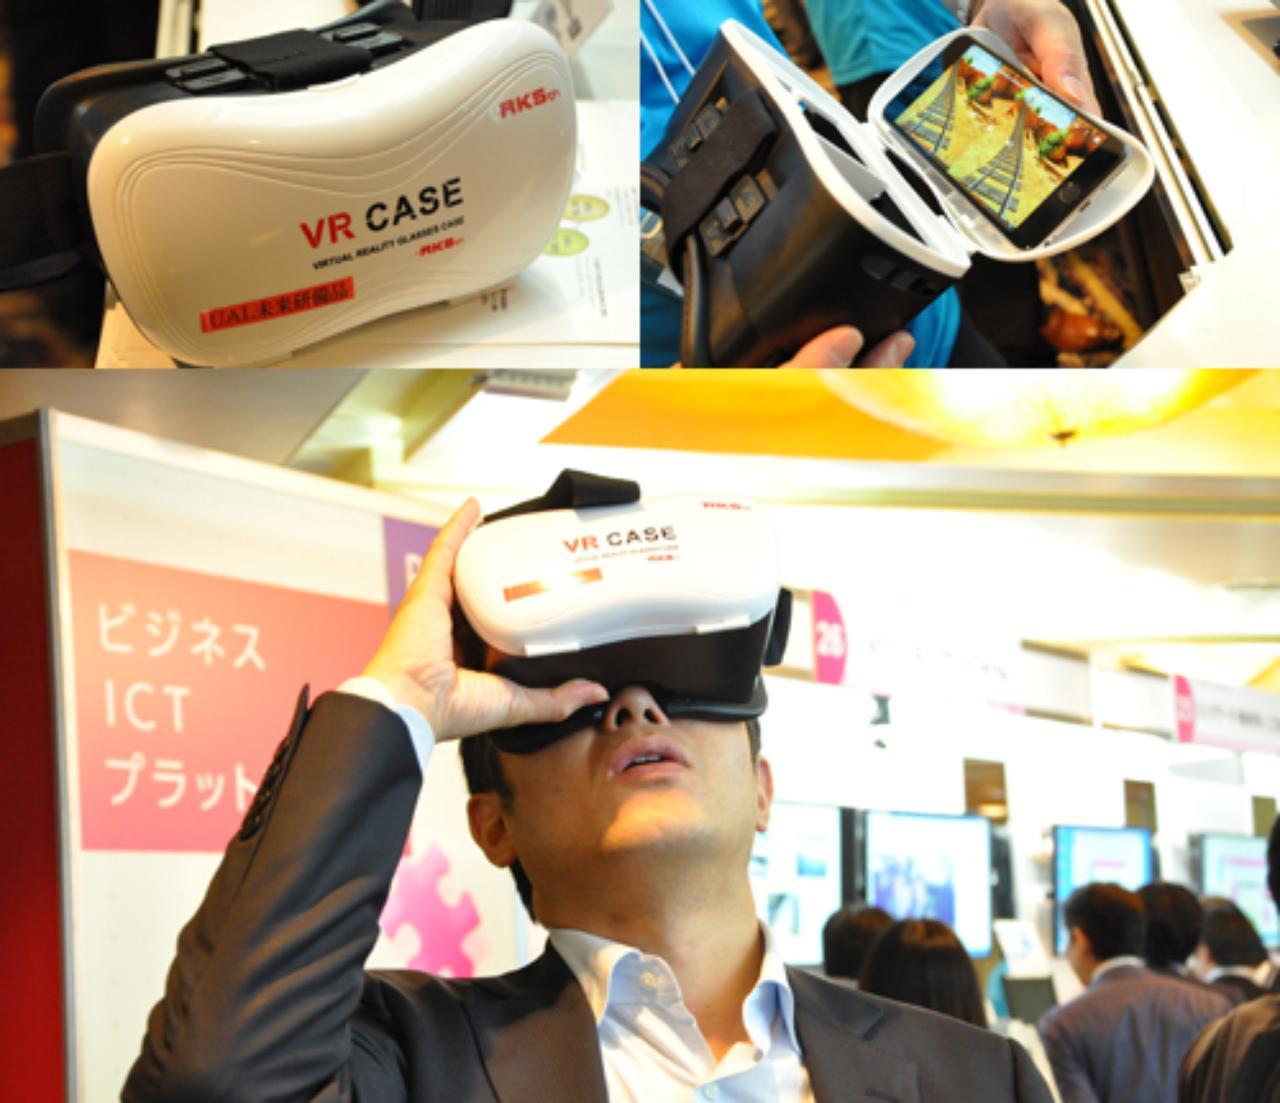 画像: 未来サービス研究所のブースでは、スマホを用いてVR(仮想現実)を体感できるアイテムを展示。はたから見ると挙動不審の動きに。